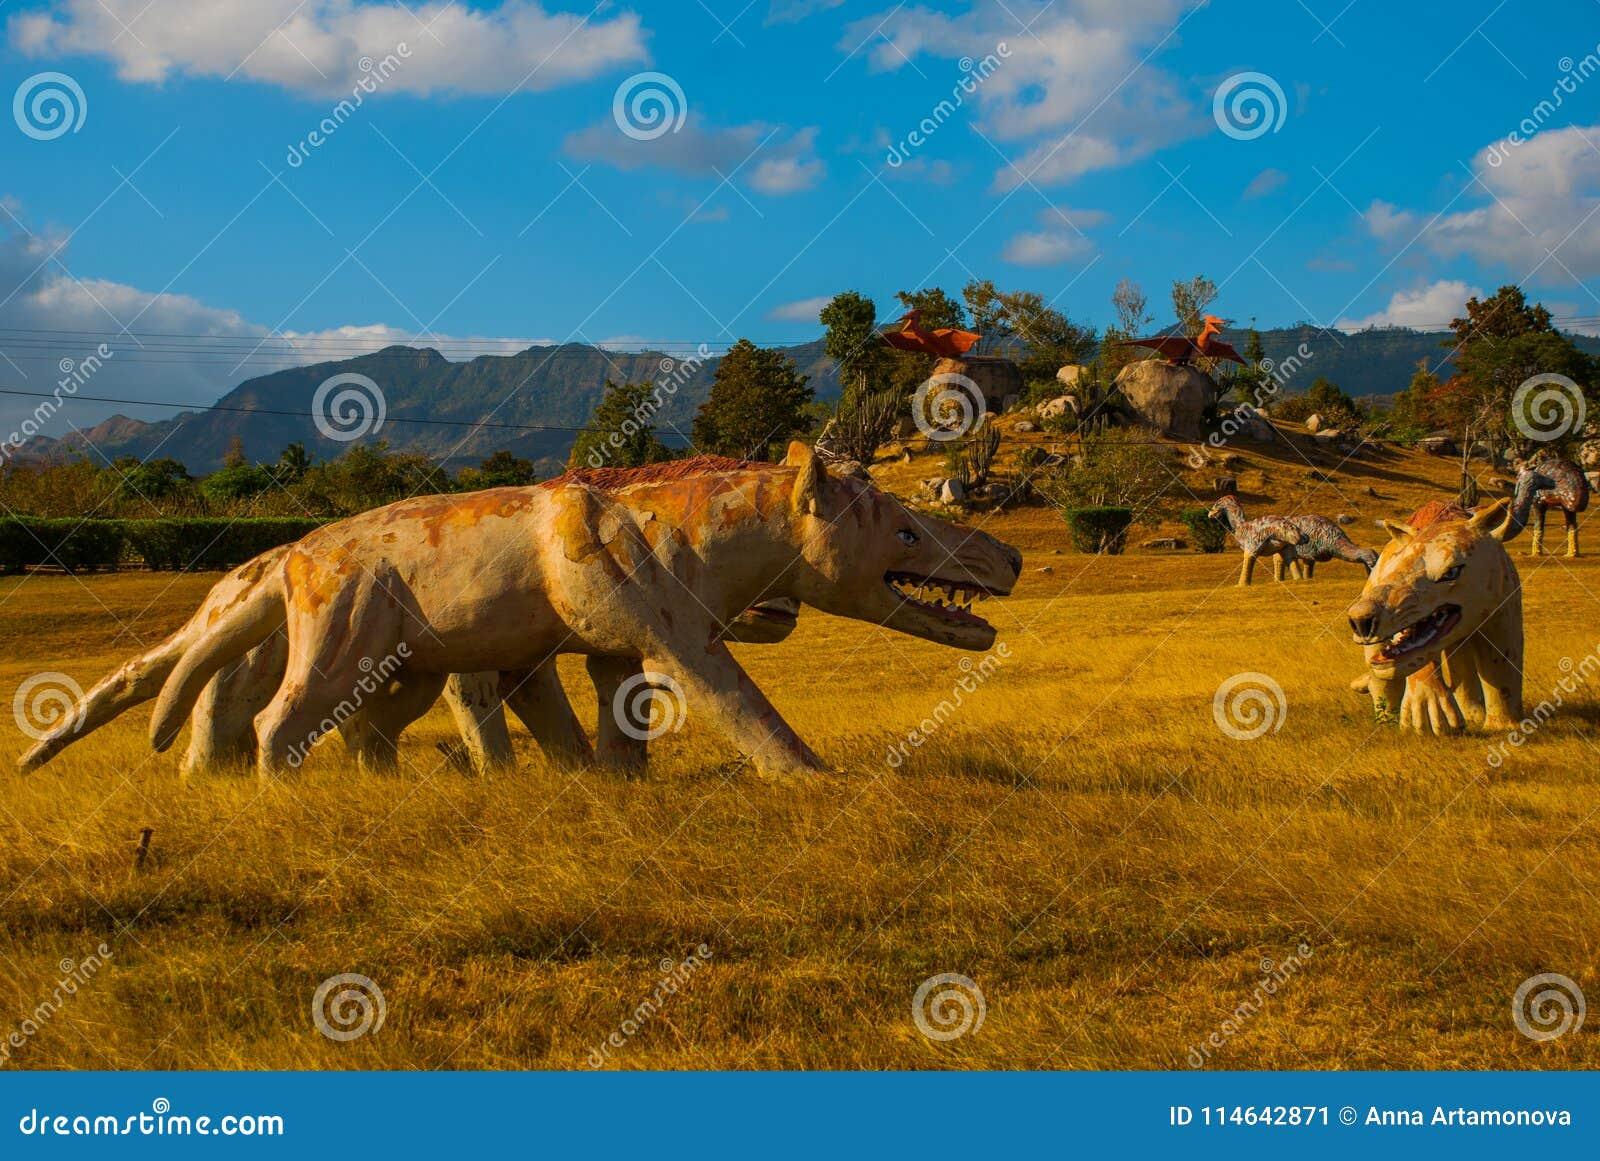 Statua antyczny wilk w polu Prehistoryczni zwierzę modele, rzeźby w dolinie park narodowy w Baconao, Kuba